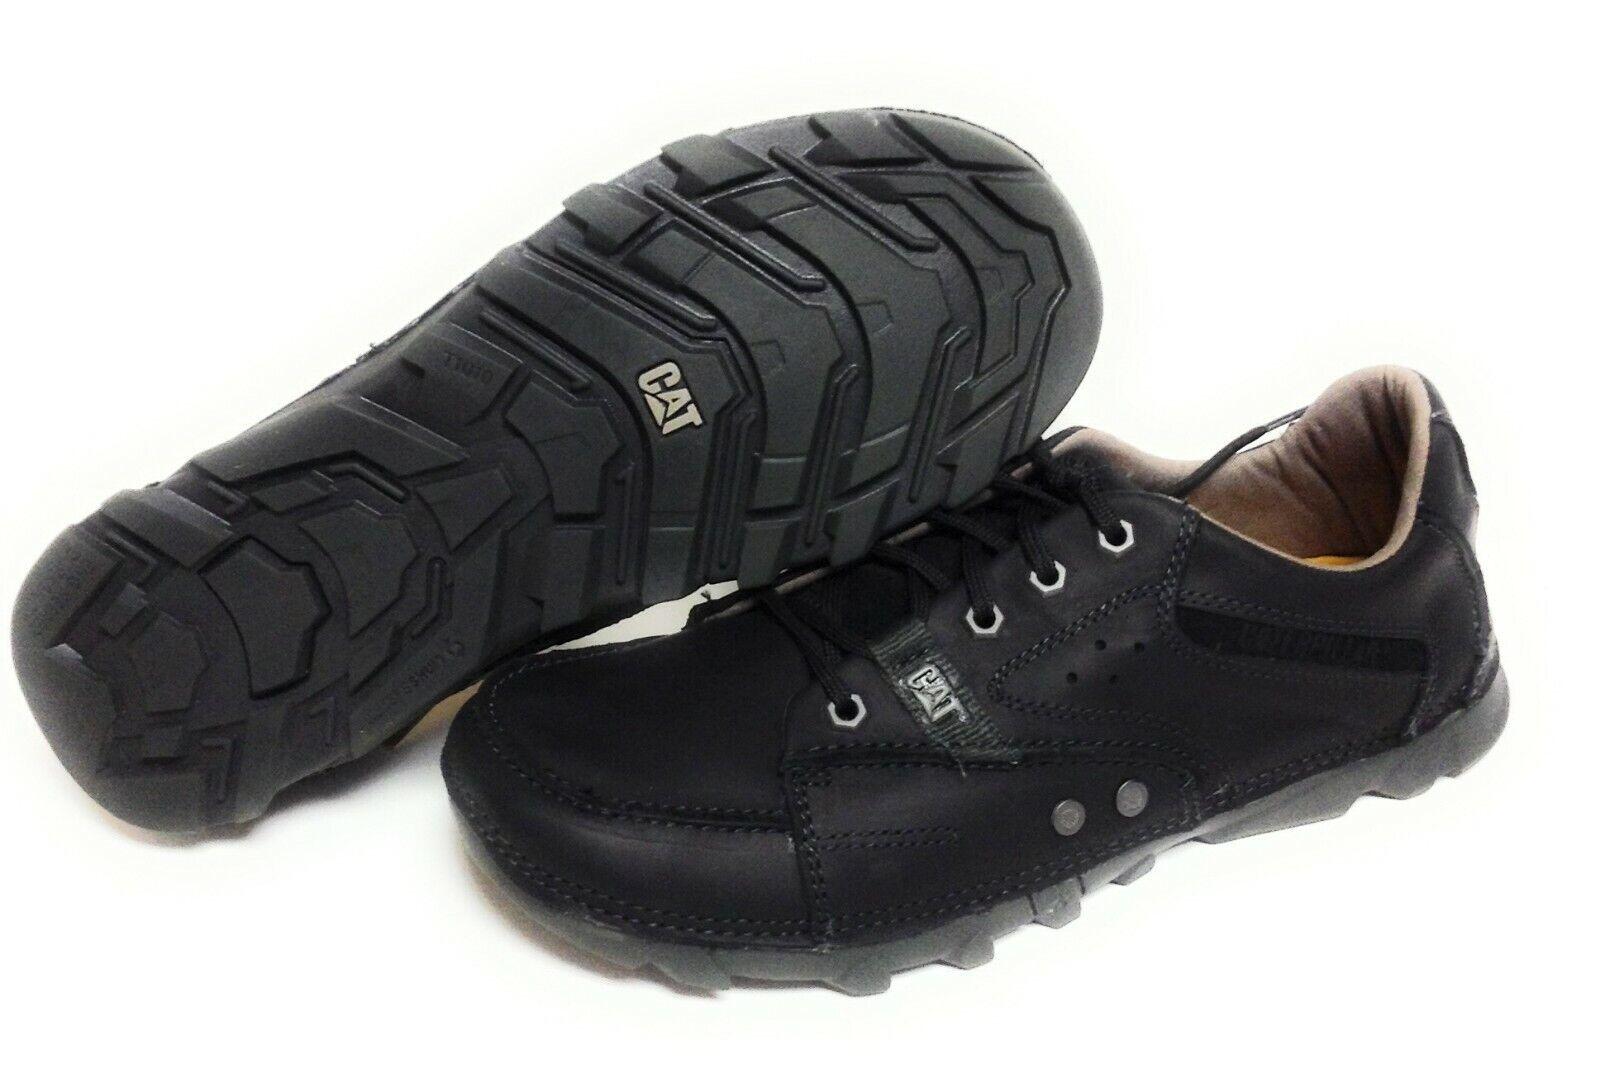 Mens Caterpillar Cat Stat P714815 Black Oxford Work Sneakers Shoes